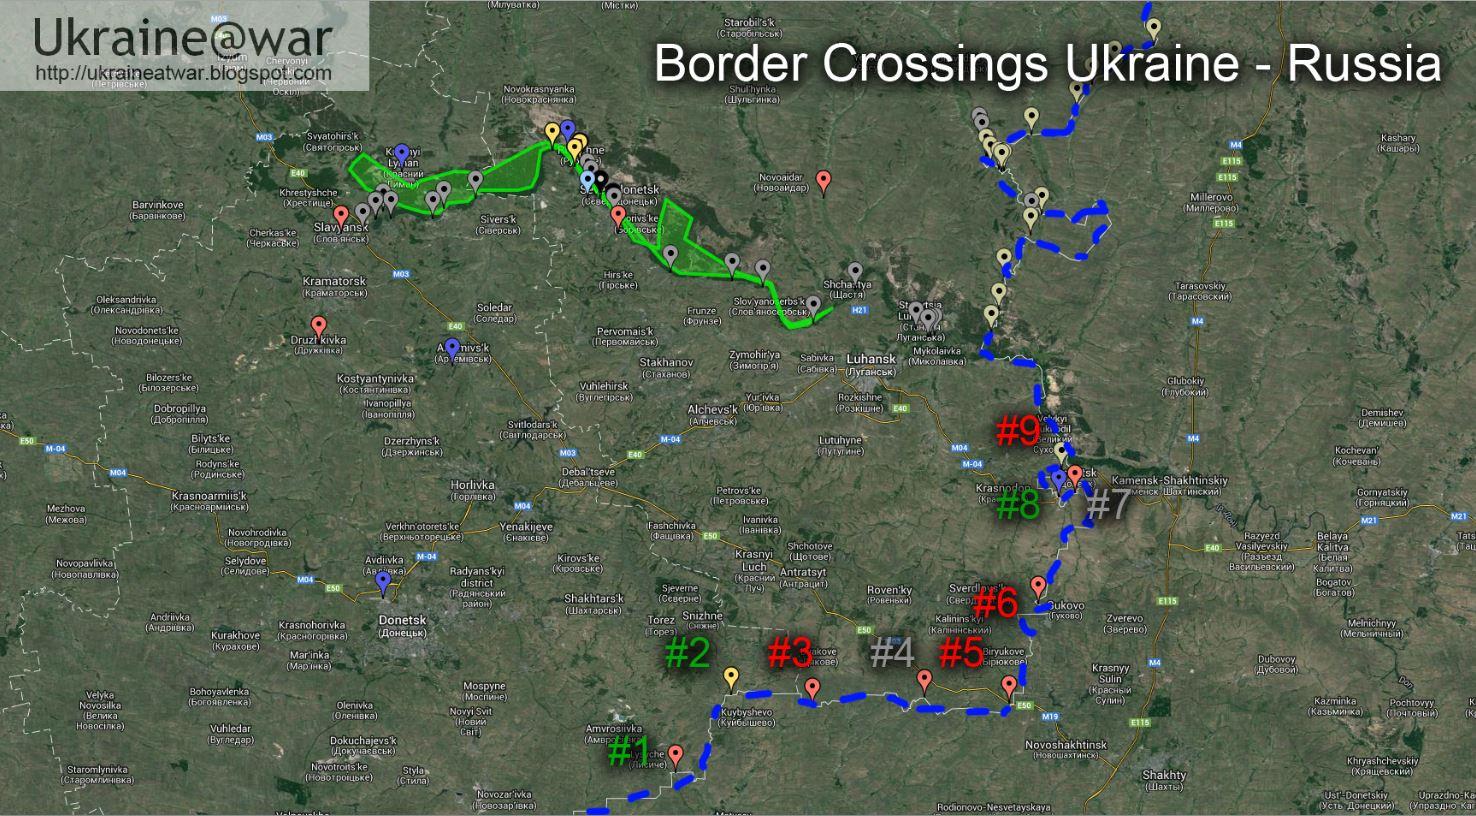 На Луганщине в приграничном селе идет ожесточенный бой, - СМИ - Цензор.НЕТ 7276